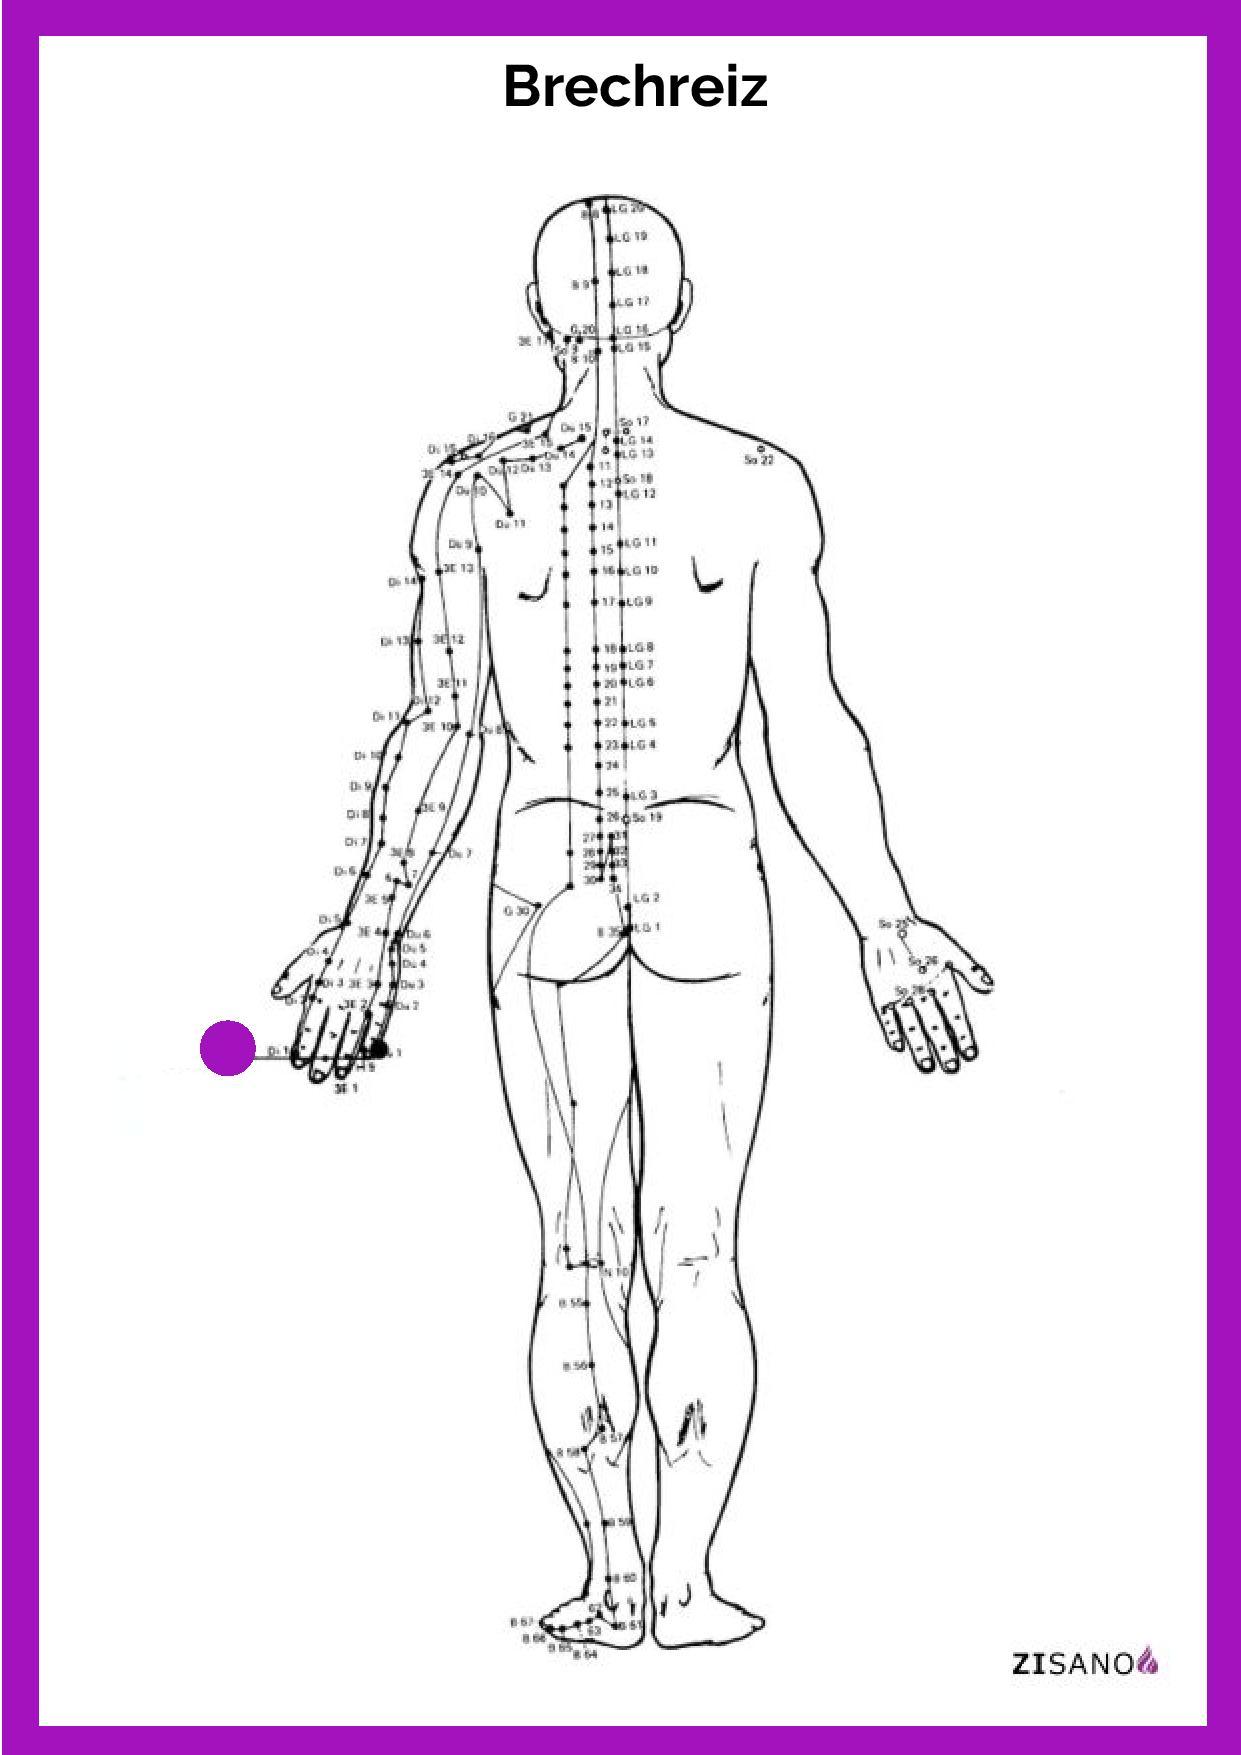 Meridiane - Brechreiz - Behandlung